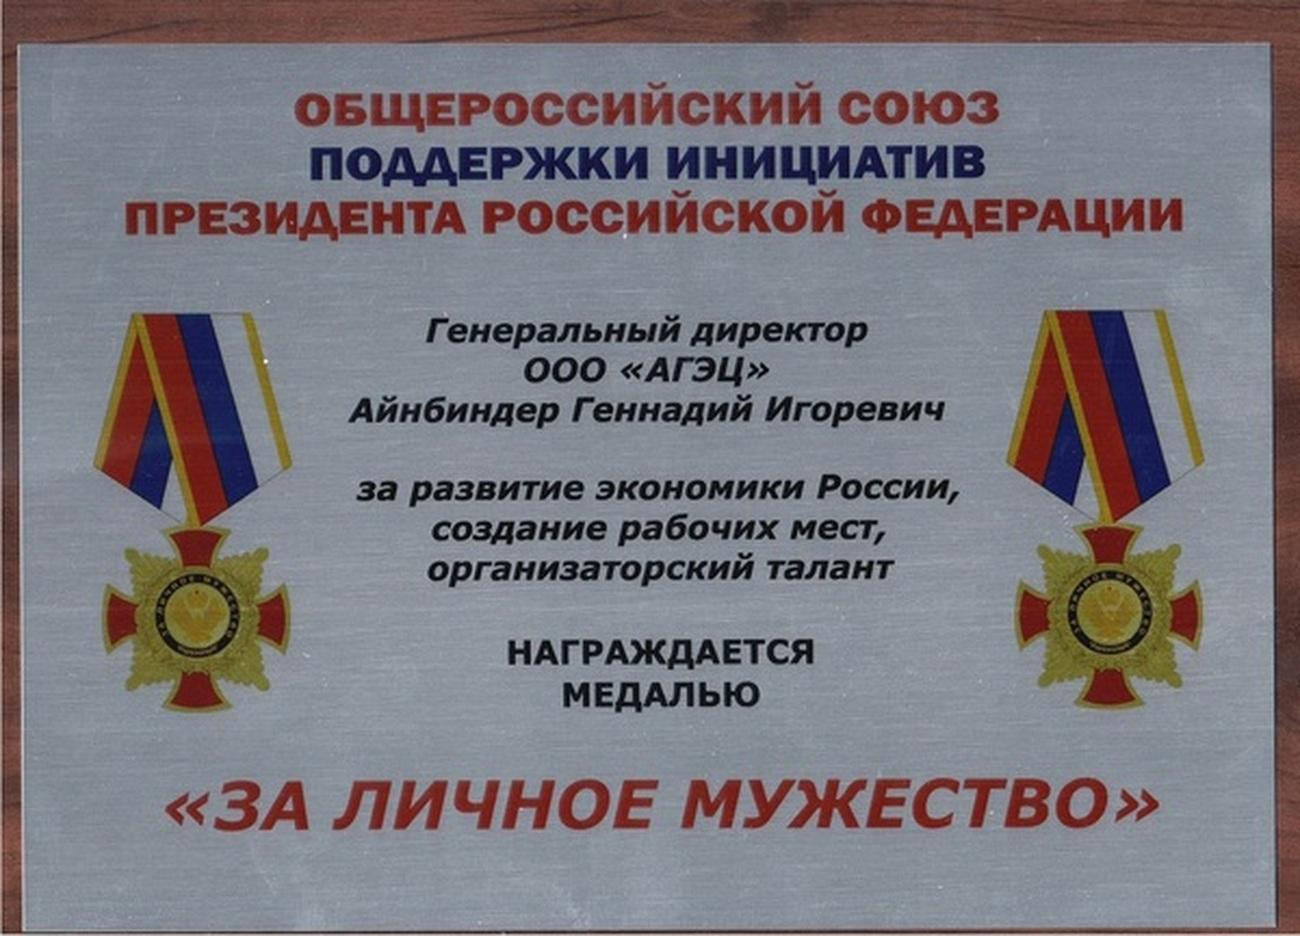 Айнбиндер награды